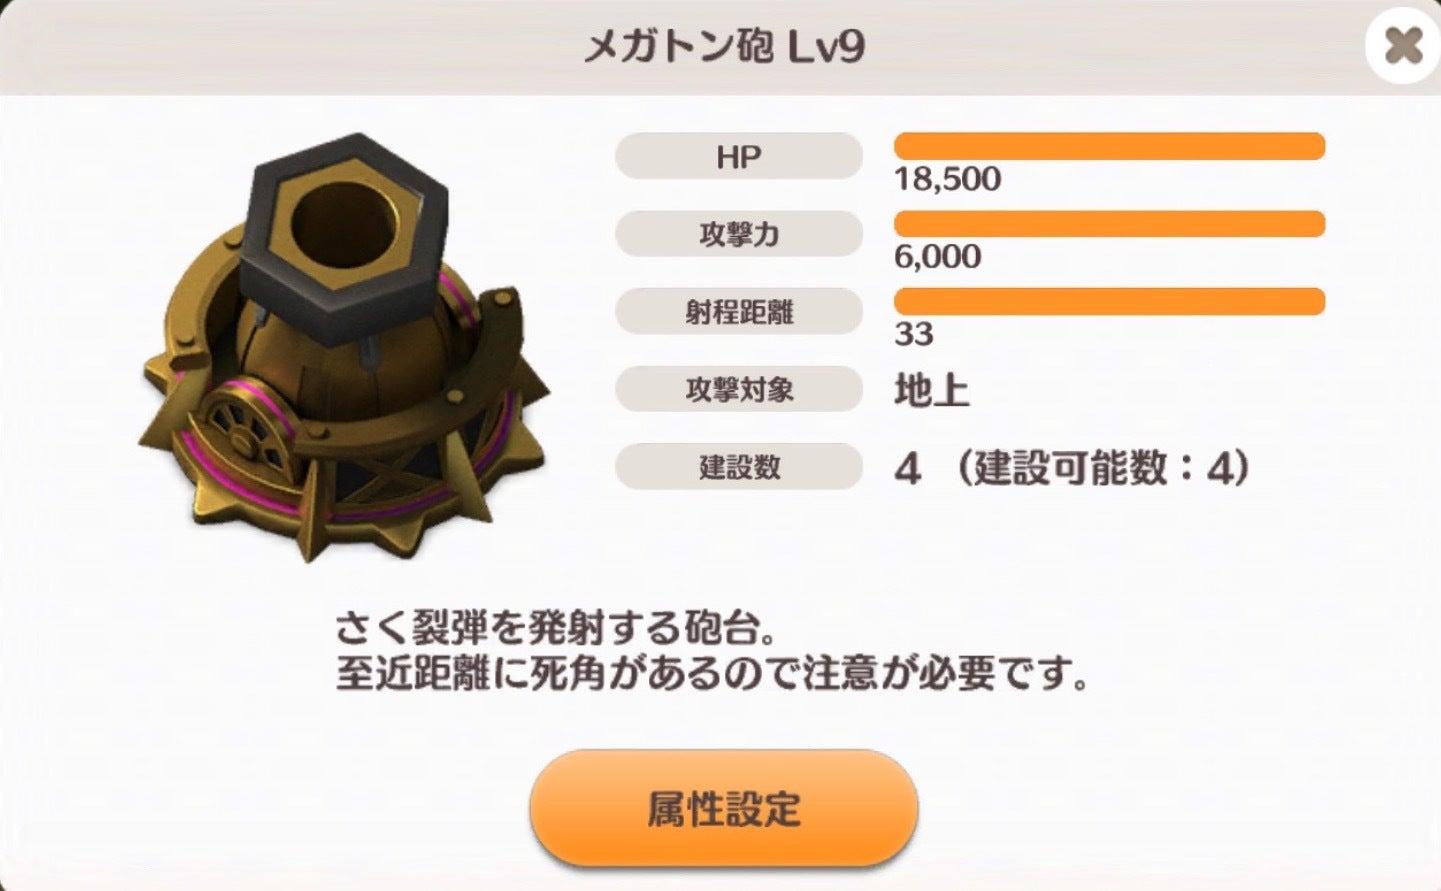 メガトン砲 Lv9の画像